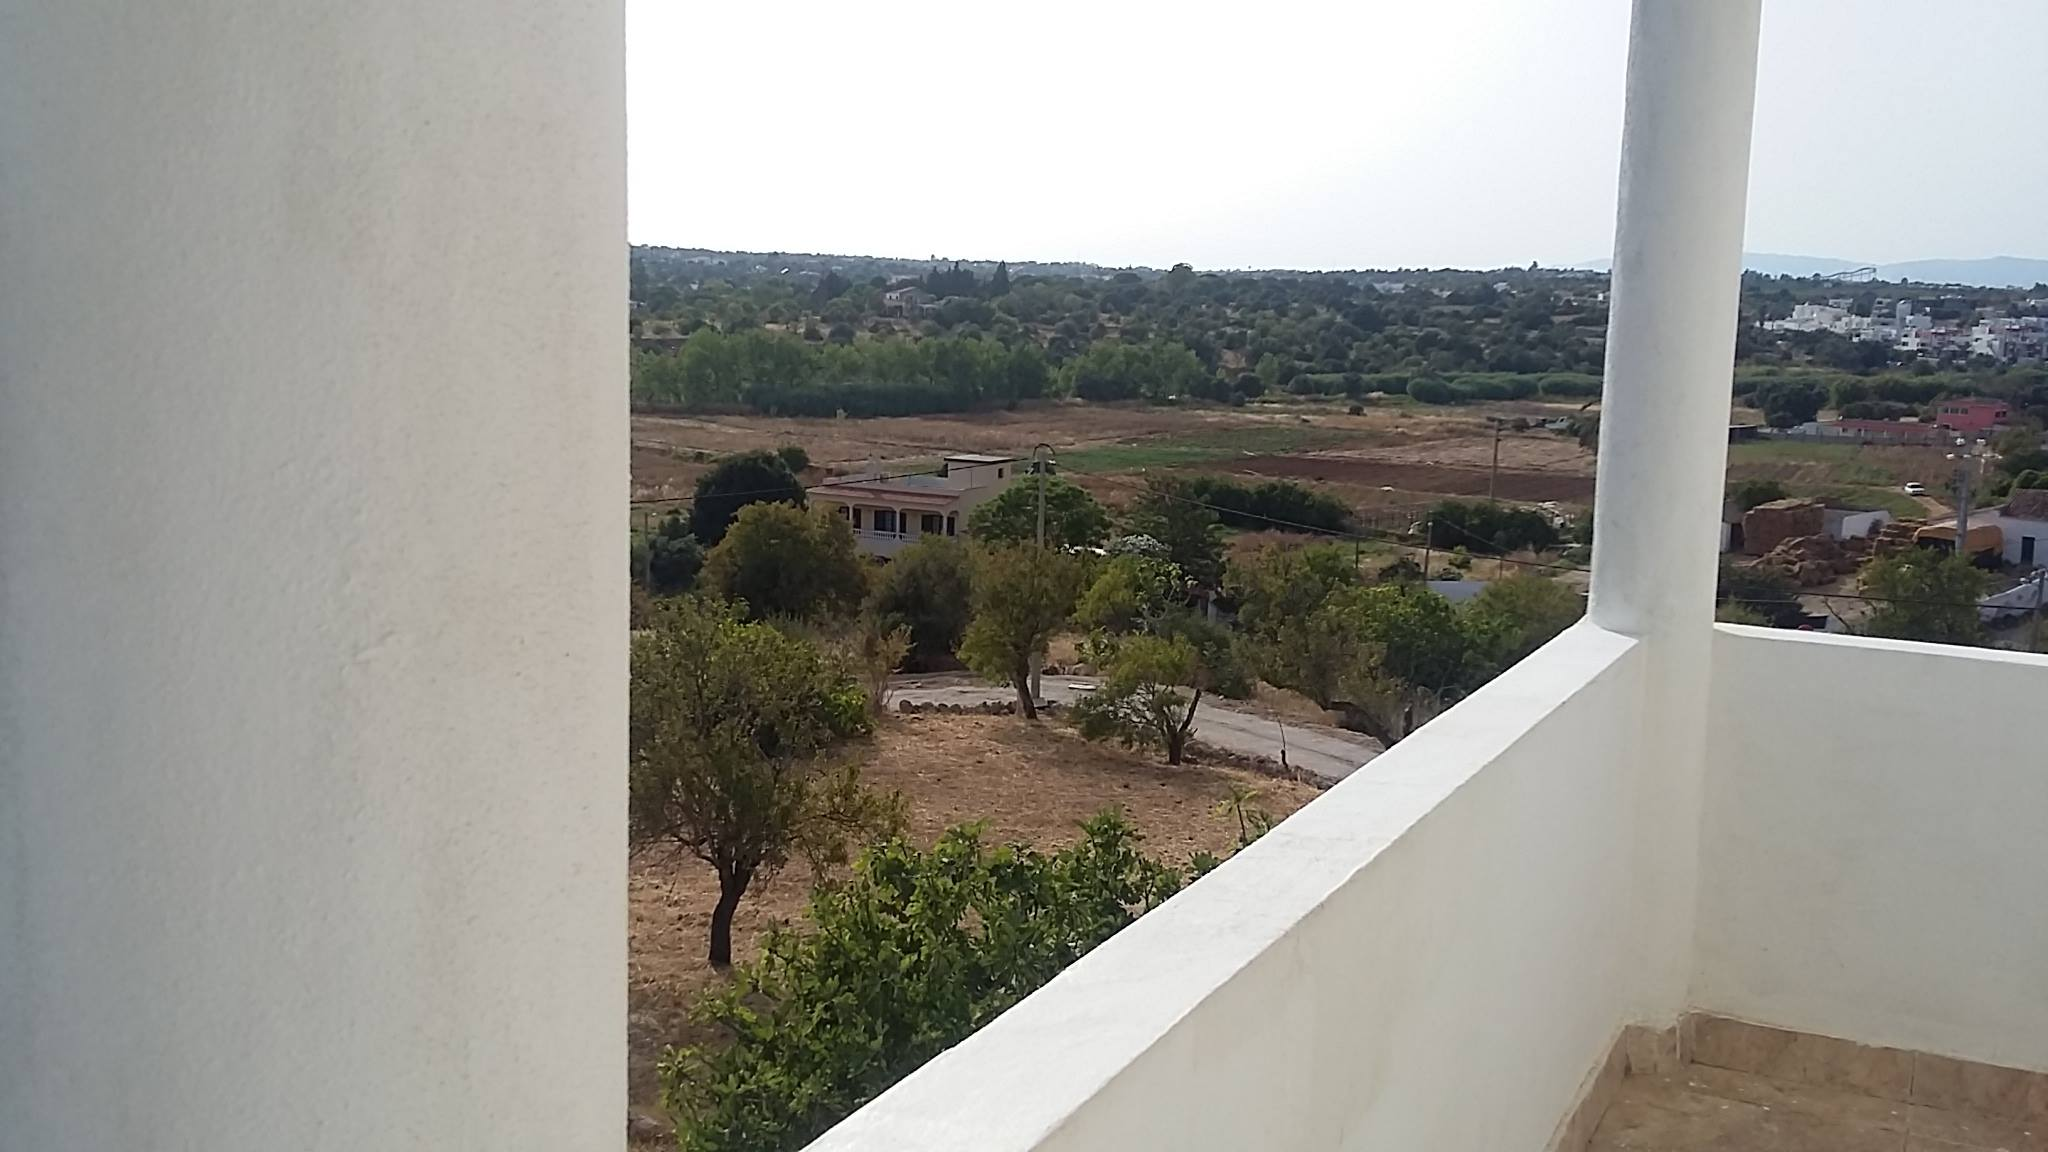 Location appartements et villas de vacance, Casa Vista Mar – Pêra – Armação de Pêra – Algarve. à Pêra, Portugal Algarve, REF_IMG_541_555